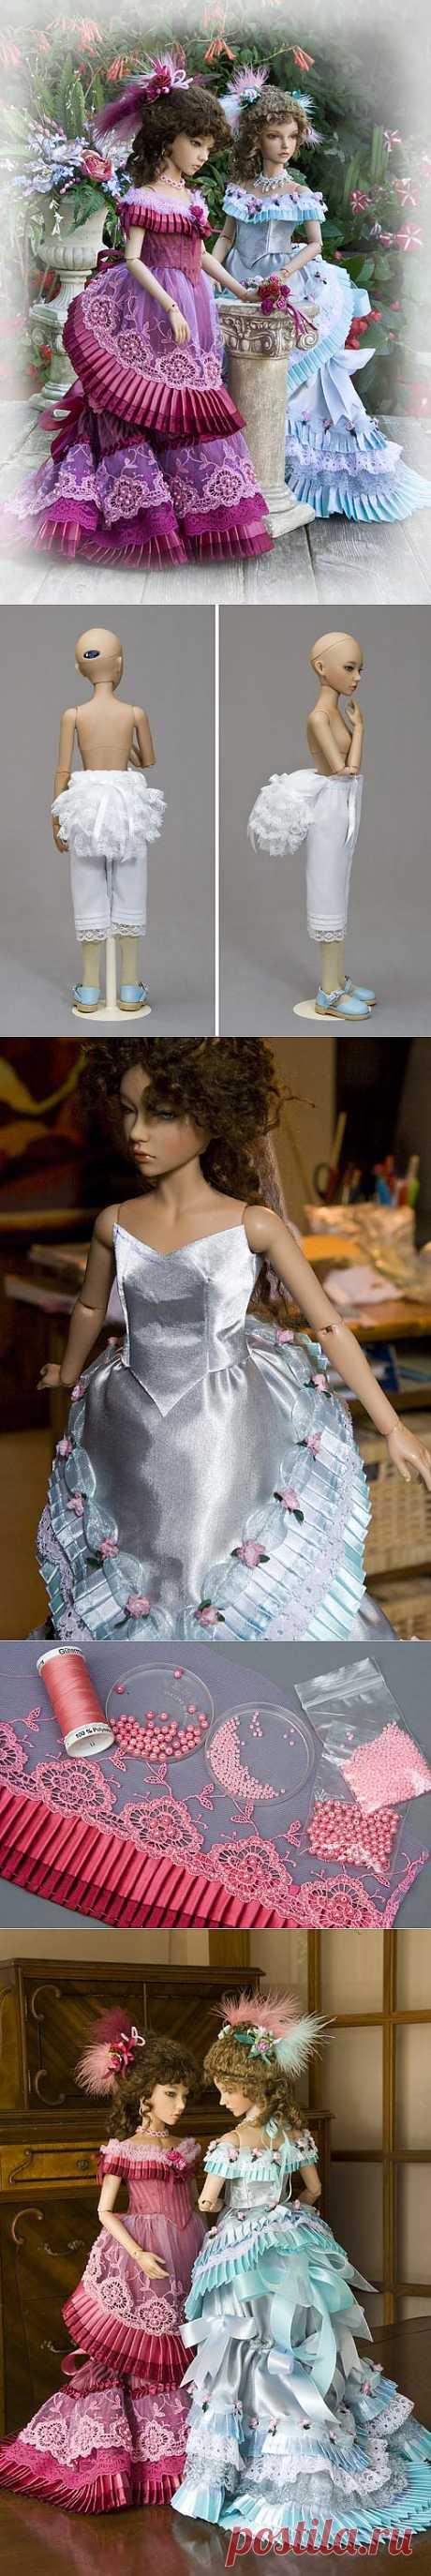 Los vestidos para la muñeca en el estilo Victoriano.